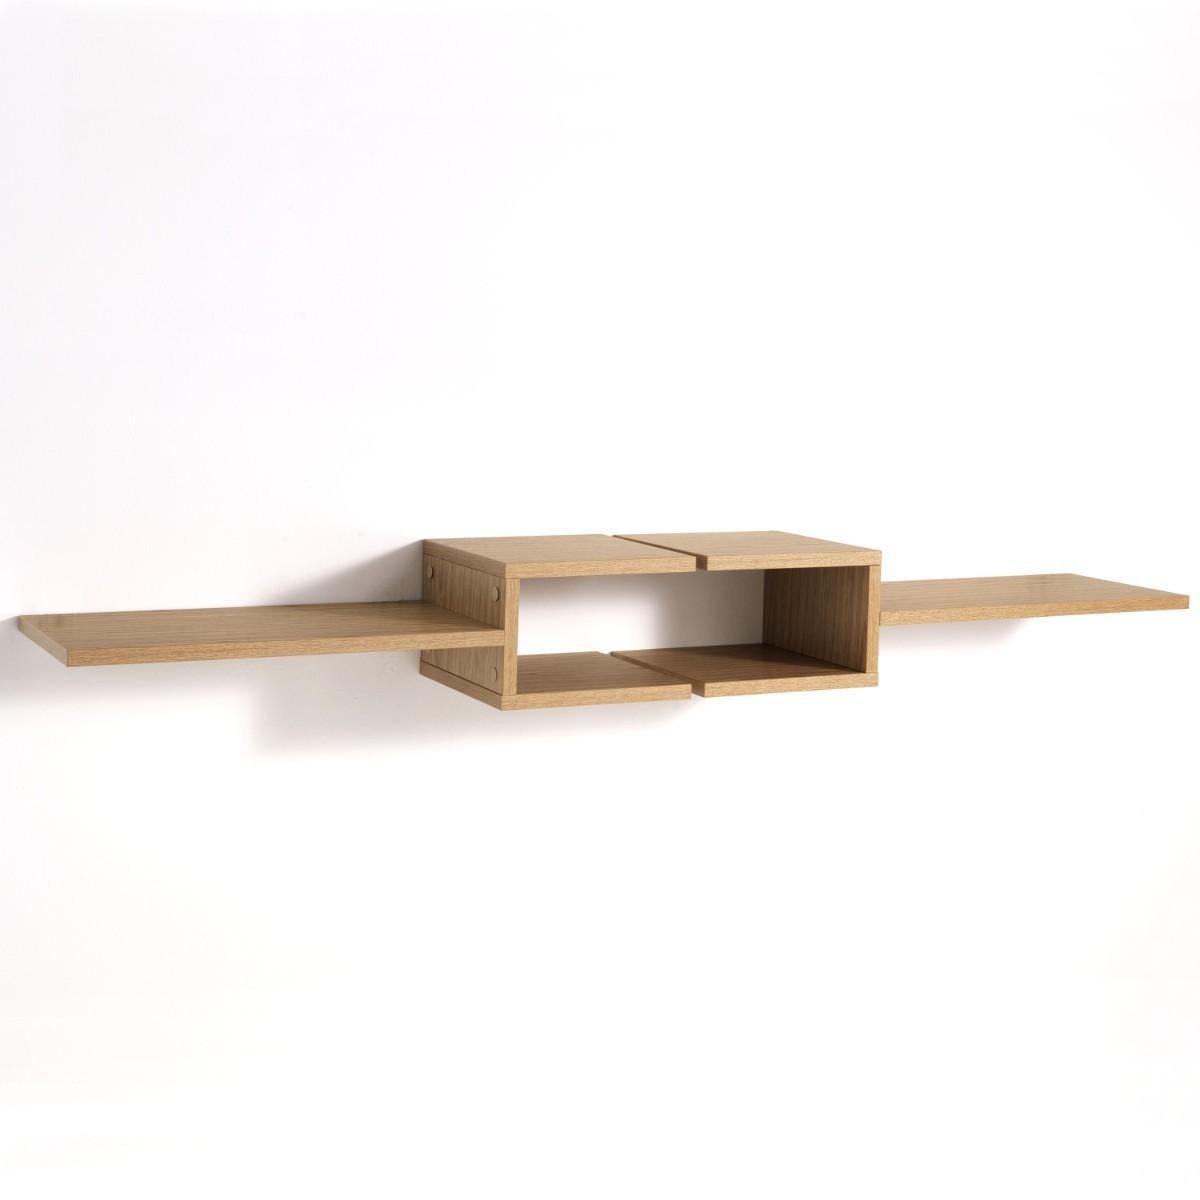 mensole design cucine moderne : Coppia mensole design FrequencyL in legno rovere 75 cm